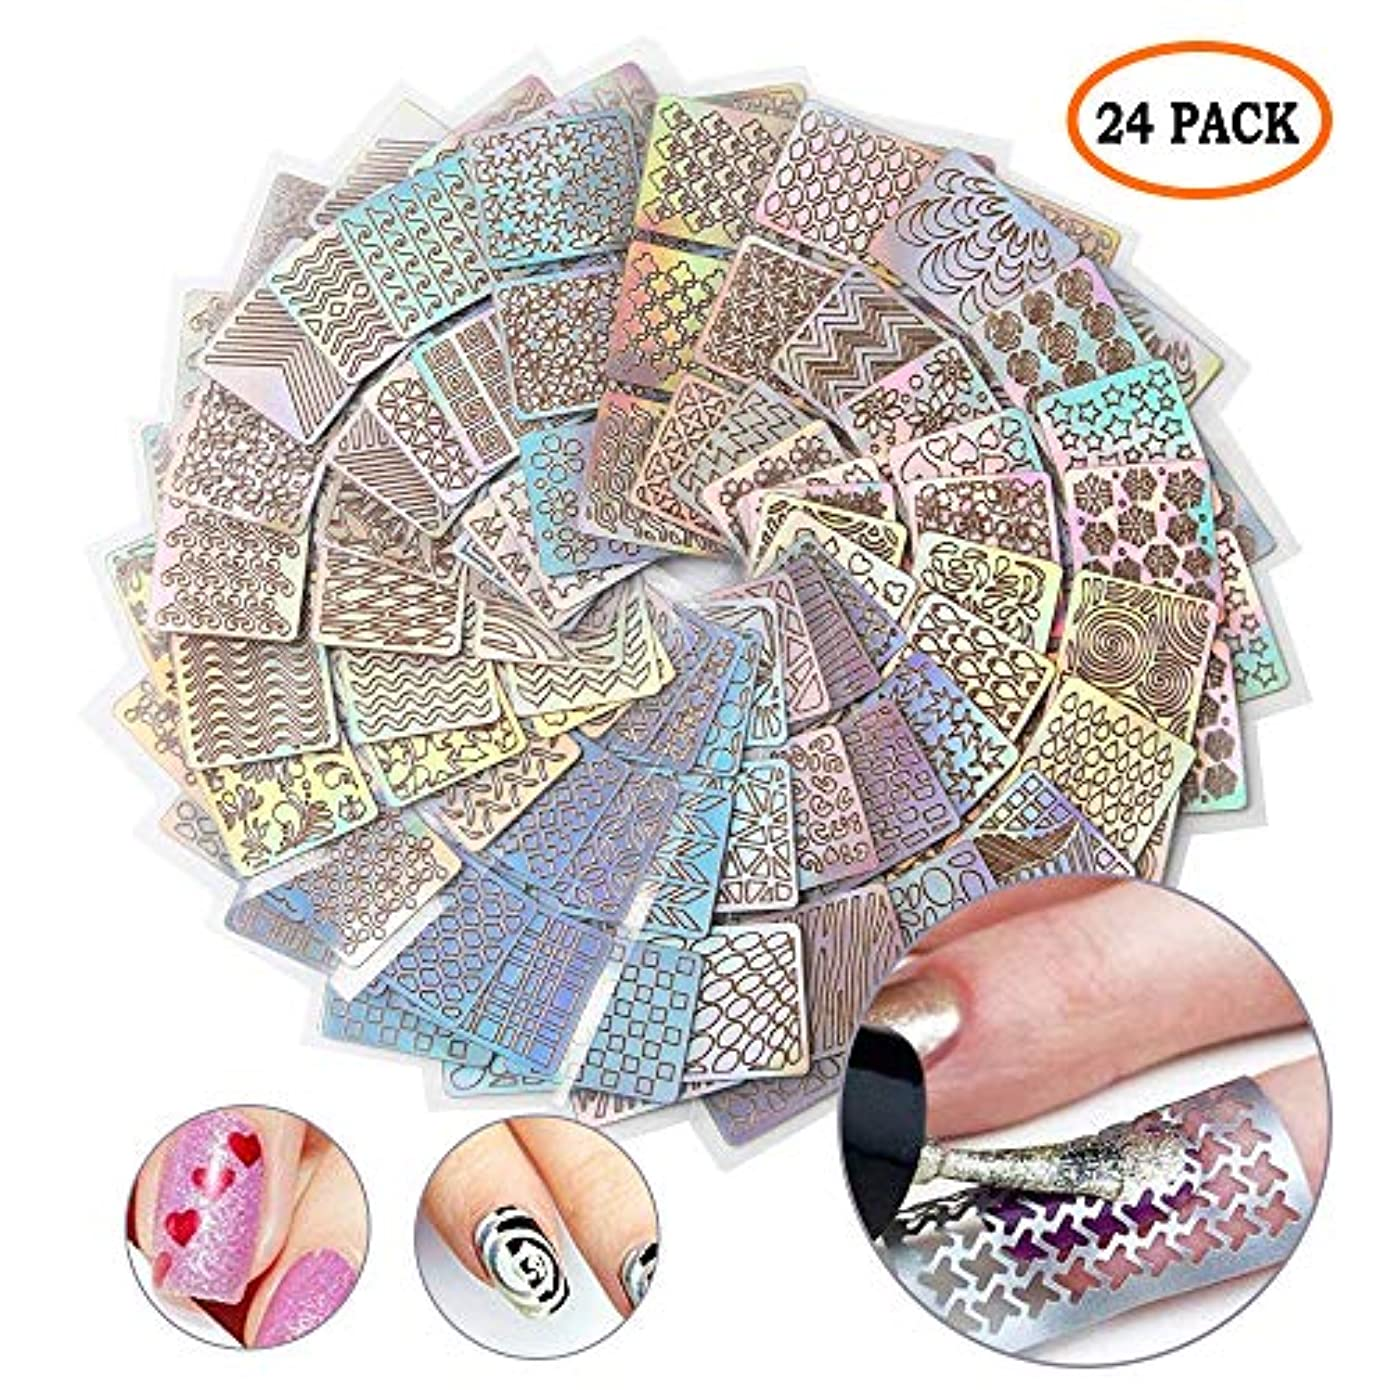 油威信タイトルLATTCURE ネイルステッカー 「24枚セット」 ネイル用装飾 ネイルシール かわいい 貼るだけ ネイティブ柄 多様な図柄 エコ素材